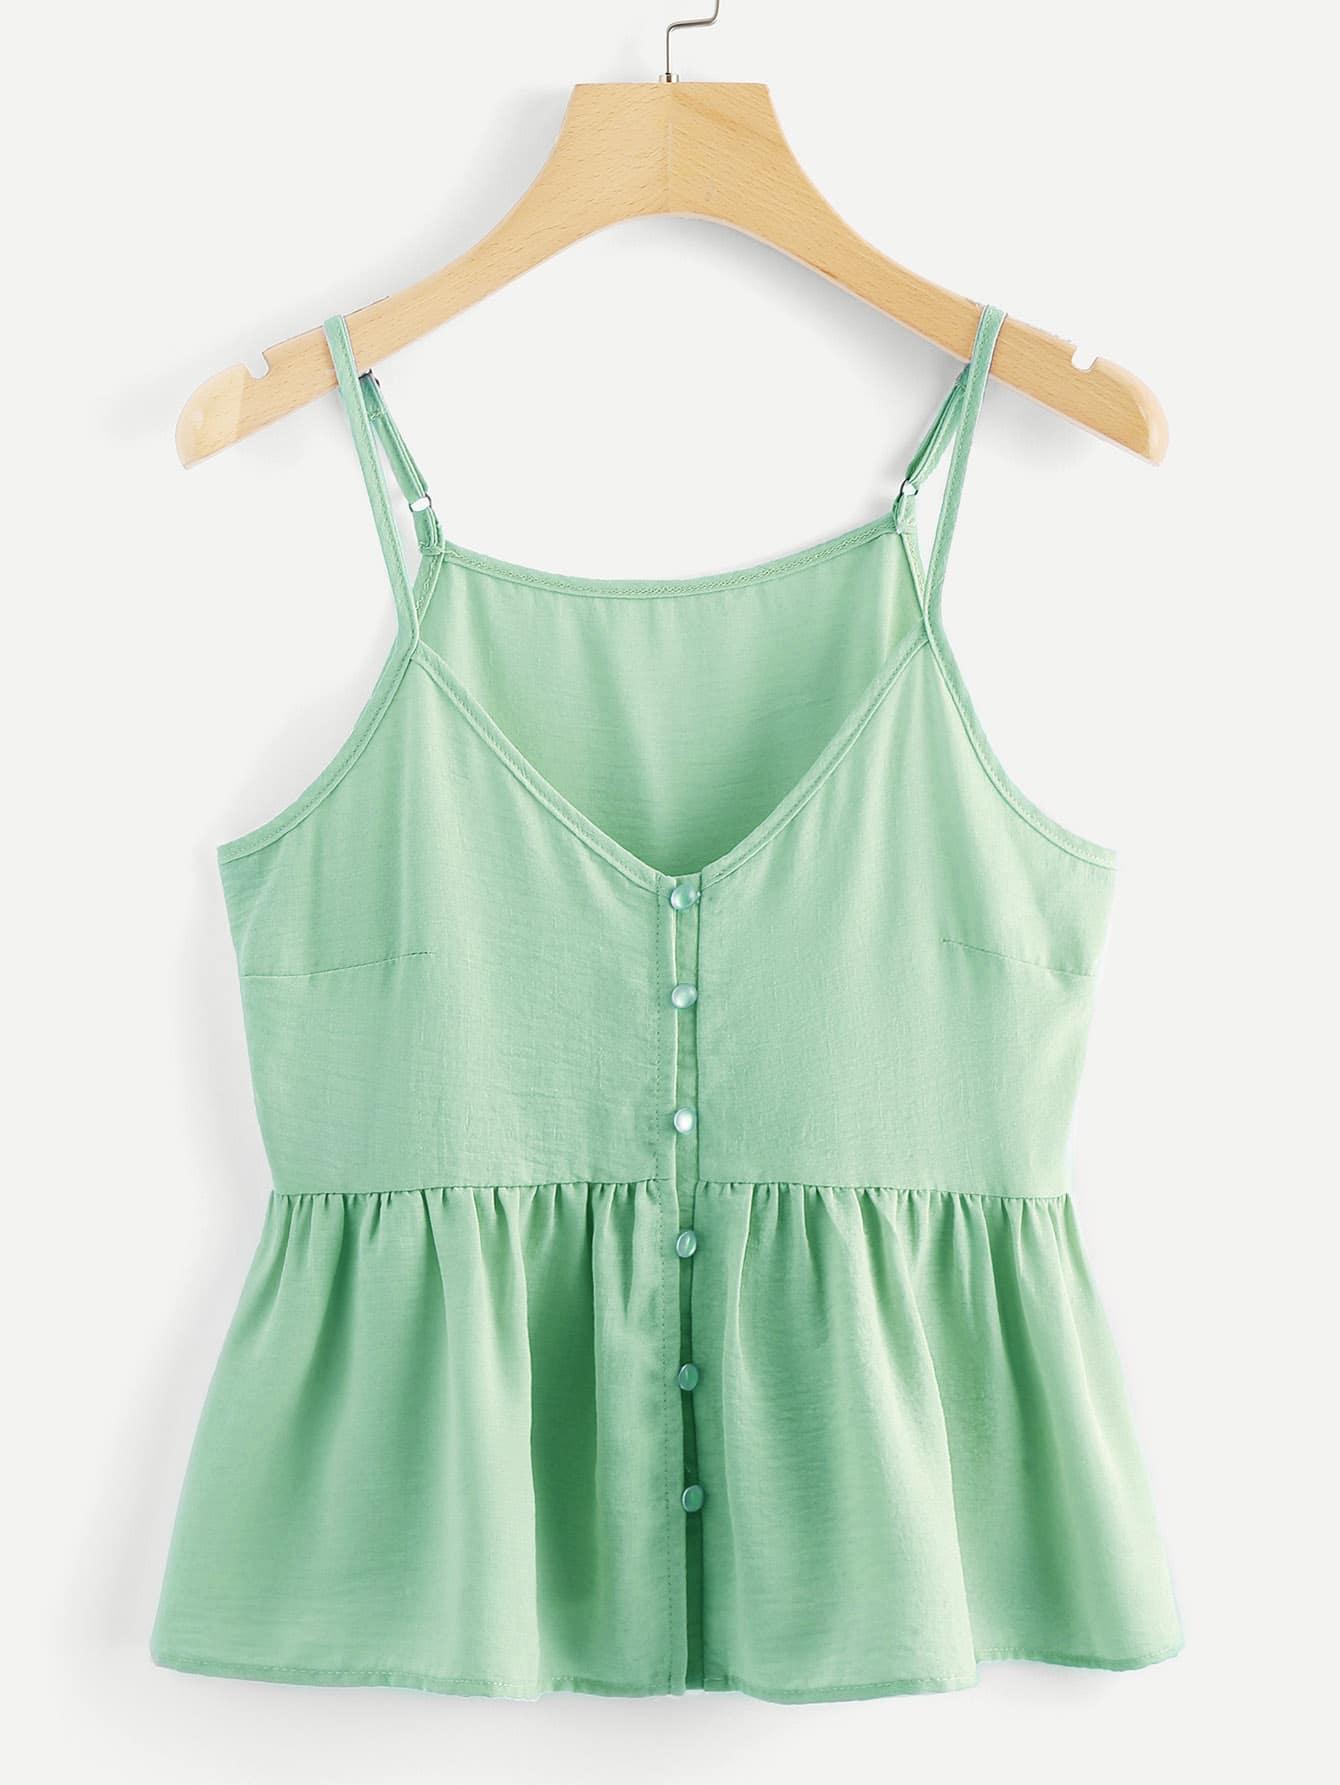 Купить Свободные С простым принтом на пуговицах зелёный Топы и майки, null, SheIn